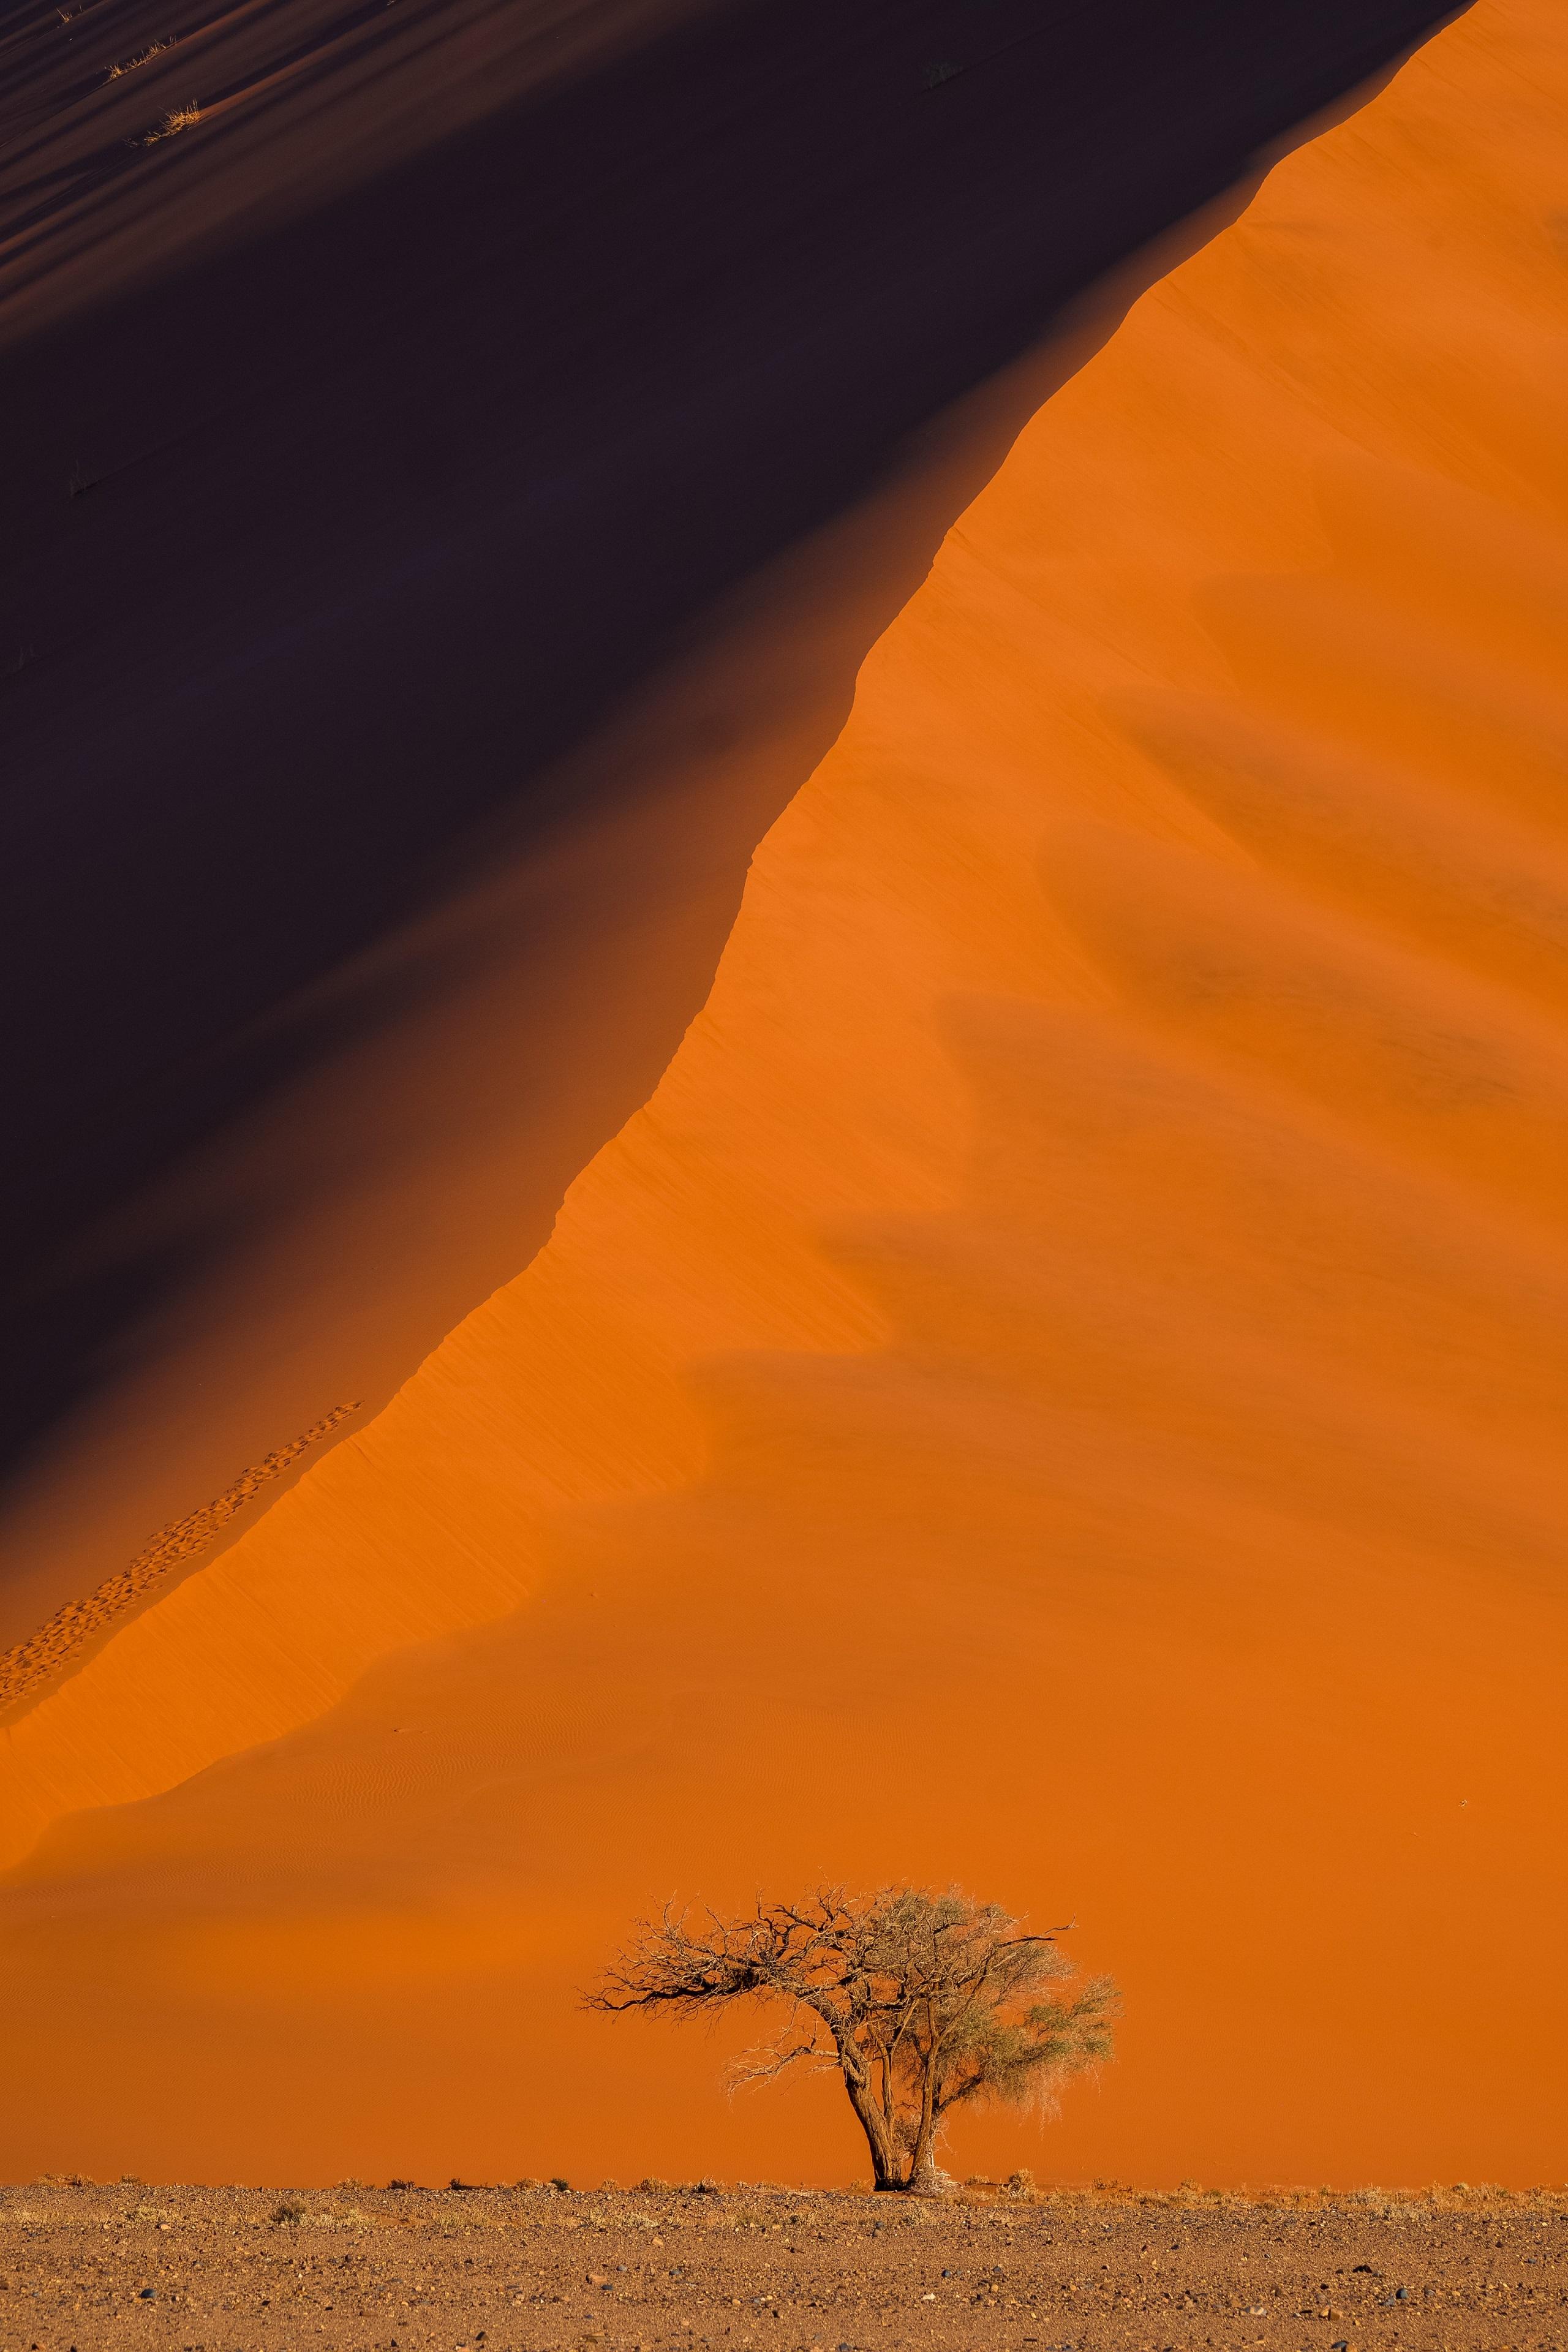 Namibia - den tham thung lung chet, thanh pho ma va dieu khong tuong hinh anh 38